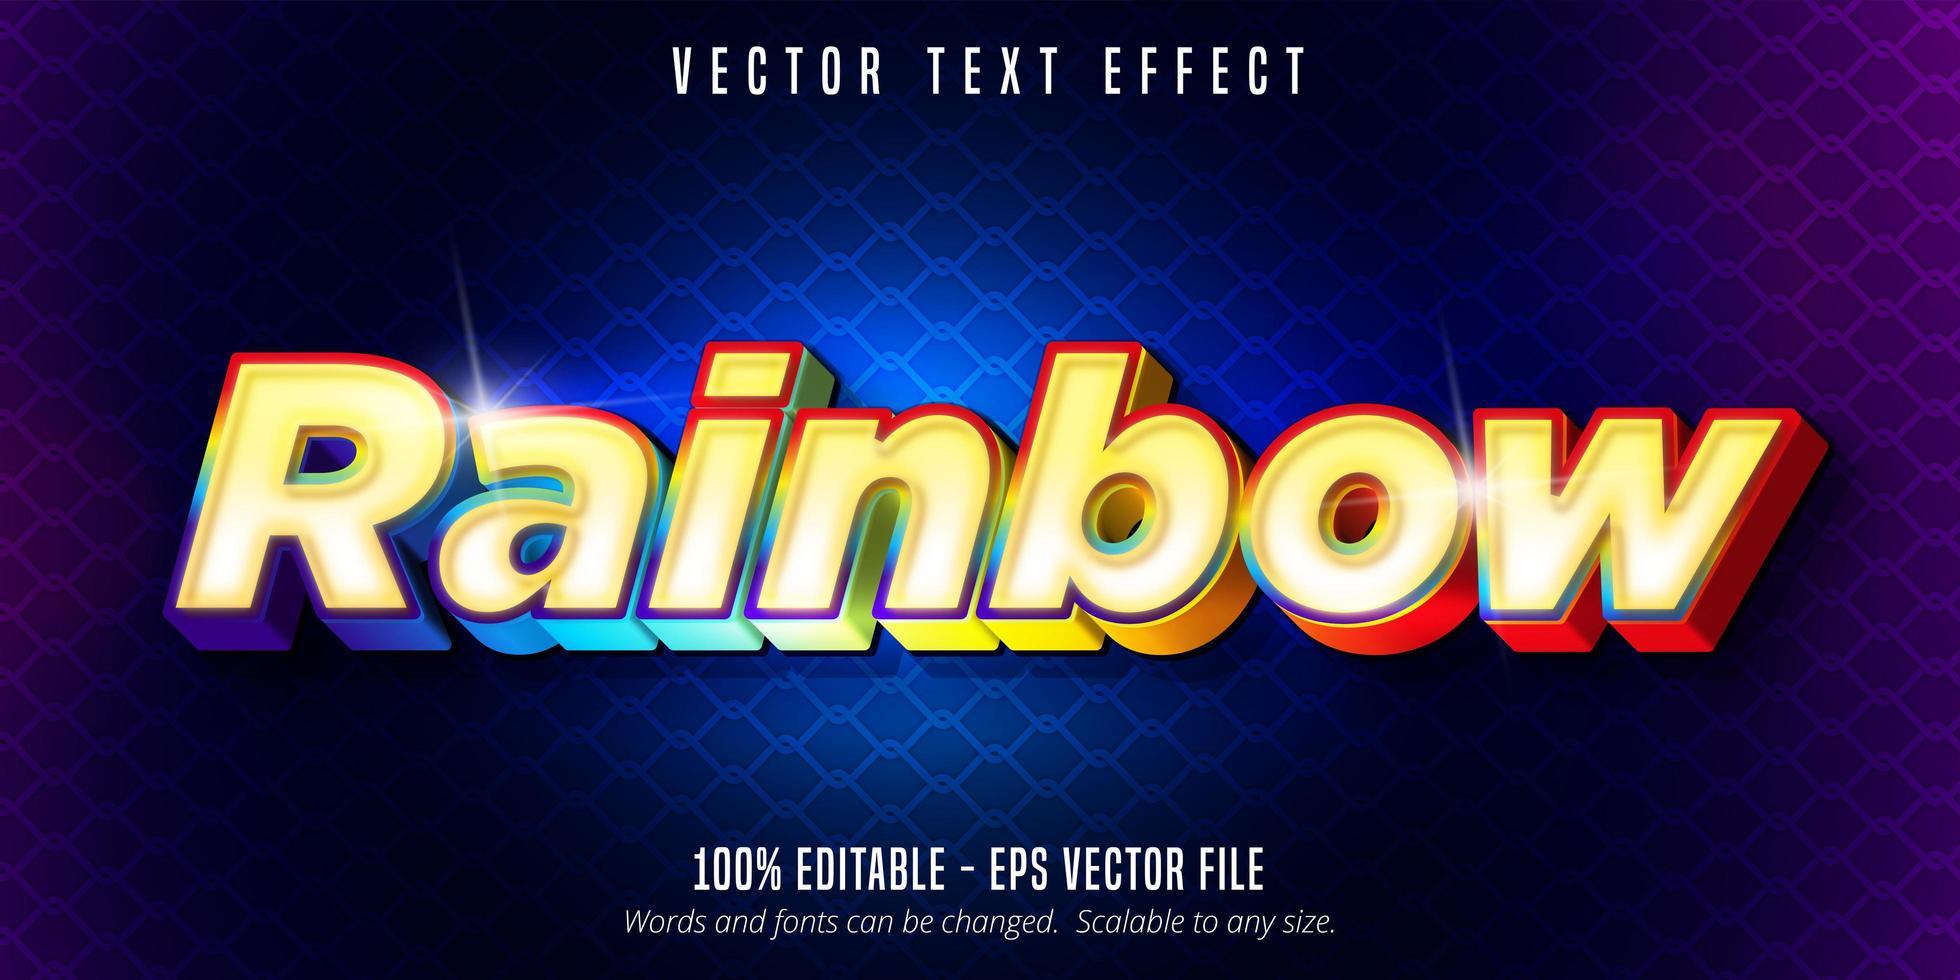 testo arcobaleno, effetto testo colorato lucido vettore